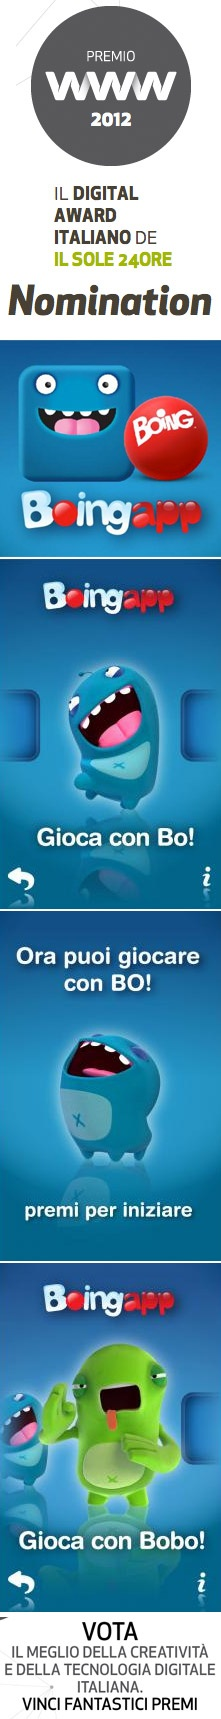 """BoingApp in nomination al premio WWW del Sole 24 Ore nella categoria """"Mobile and Tablet application / games"""". Vota e fai votare!"""